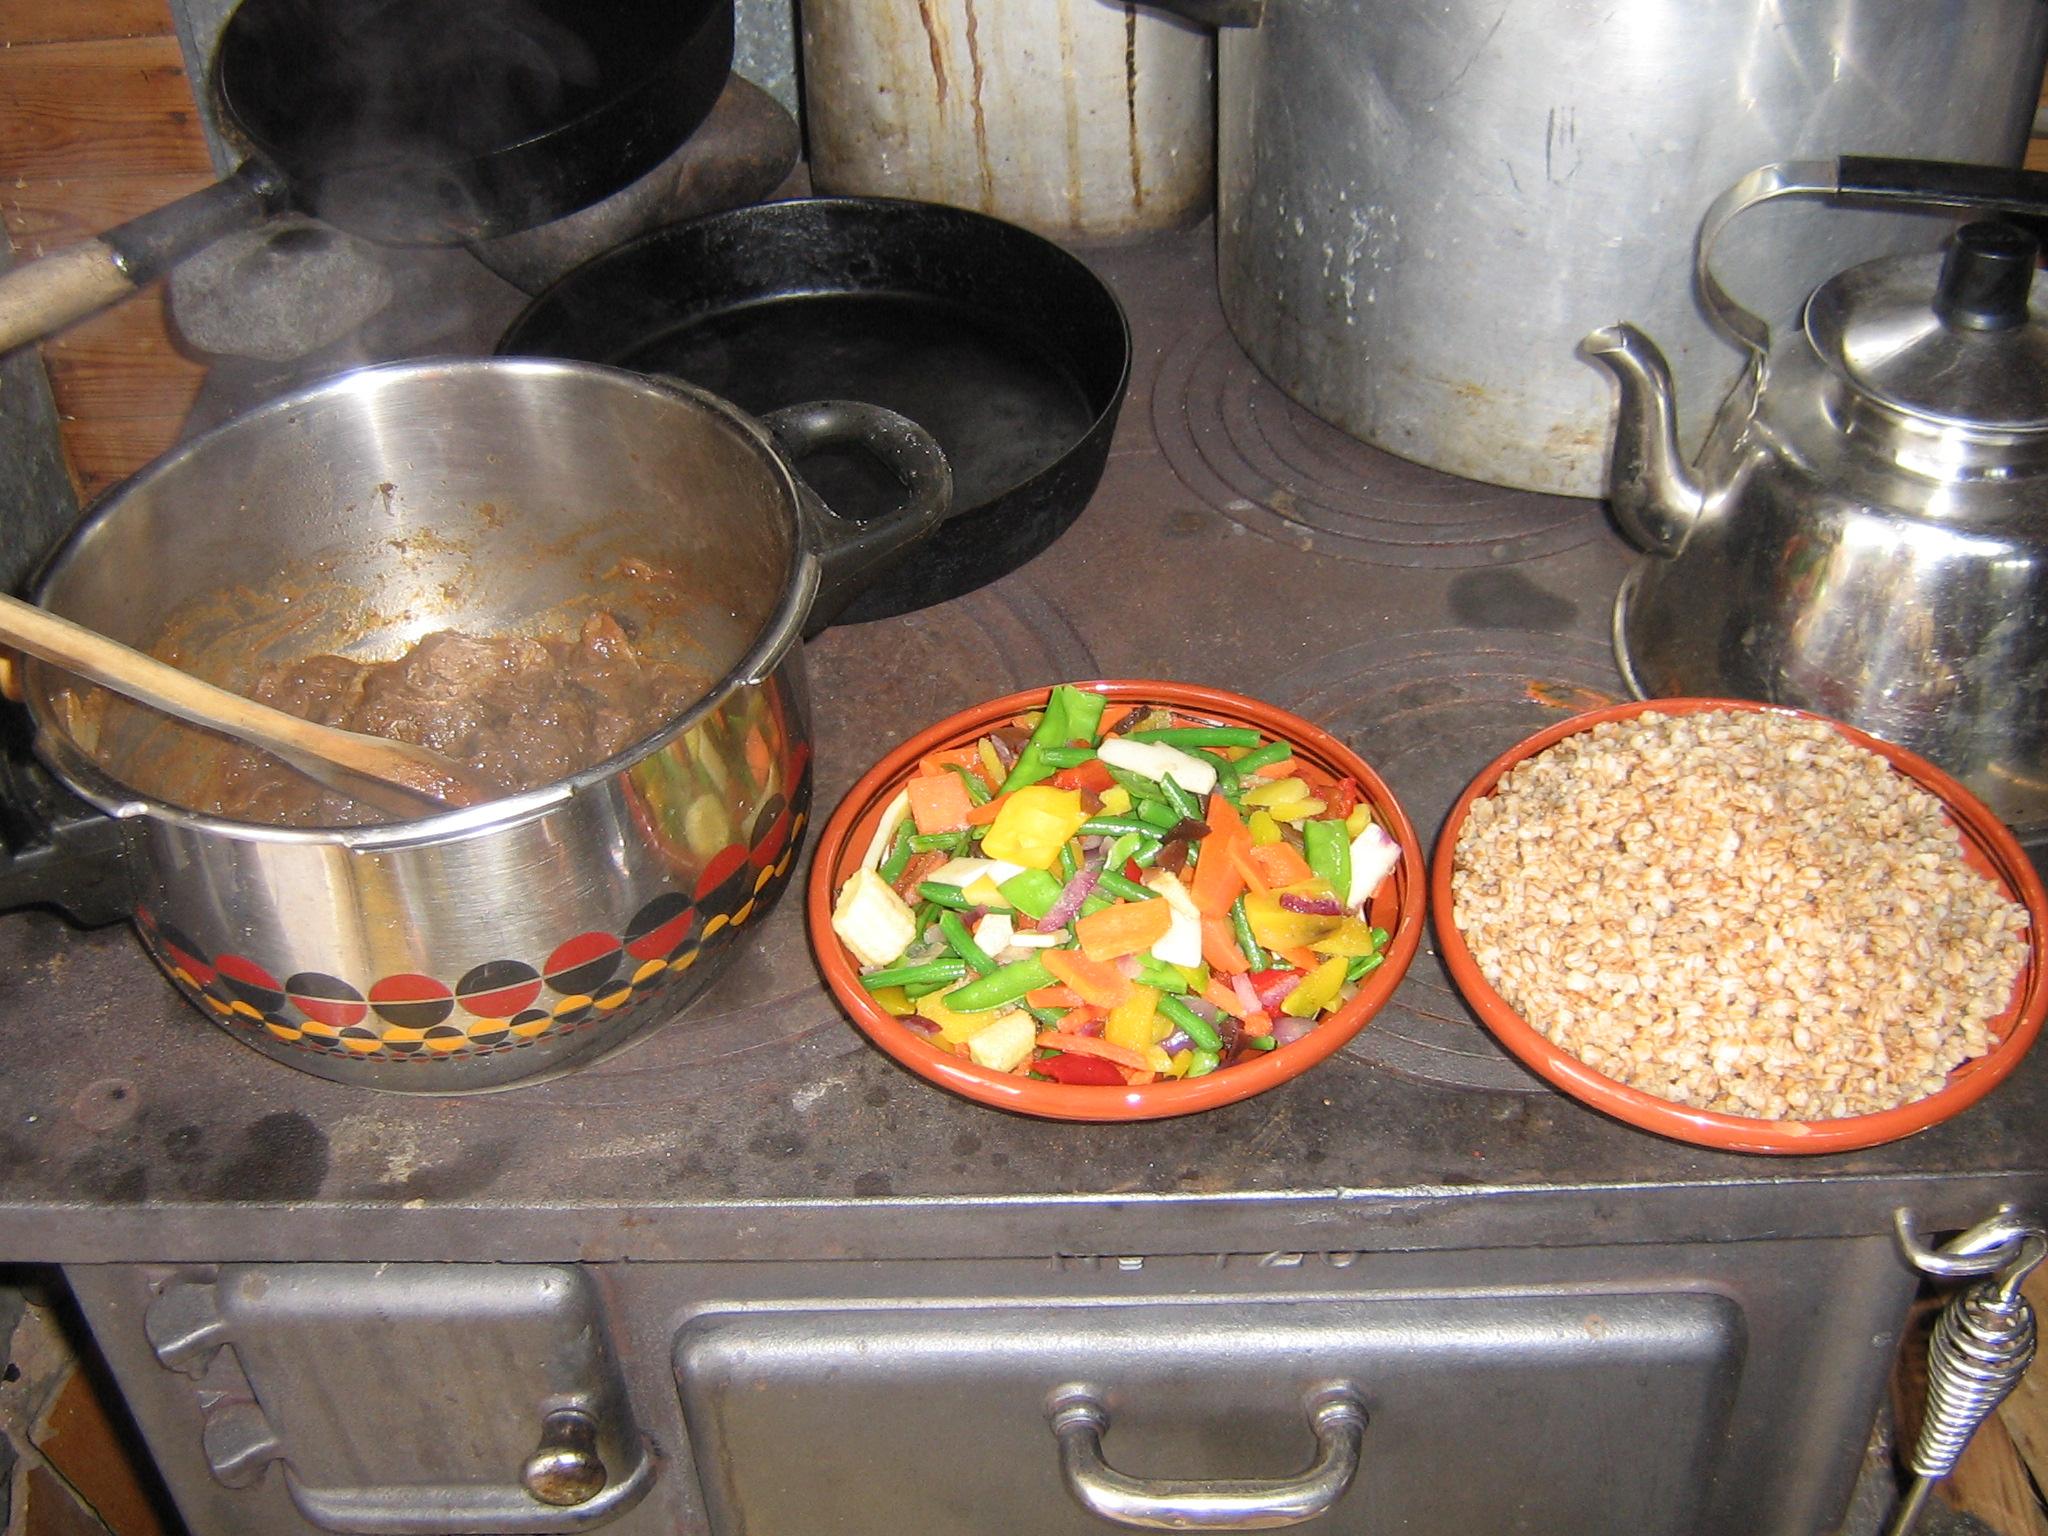 Bra med vedspis, både för värme och matlagning